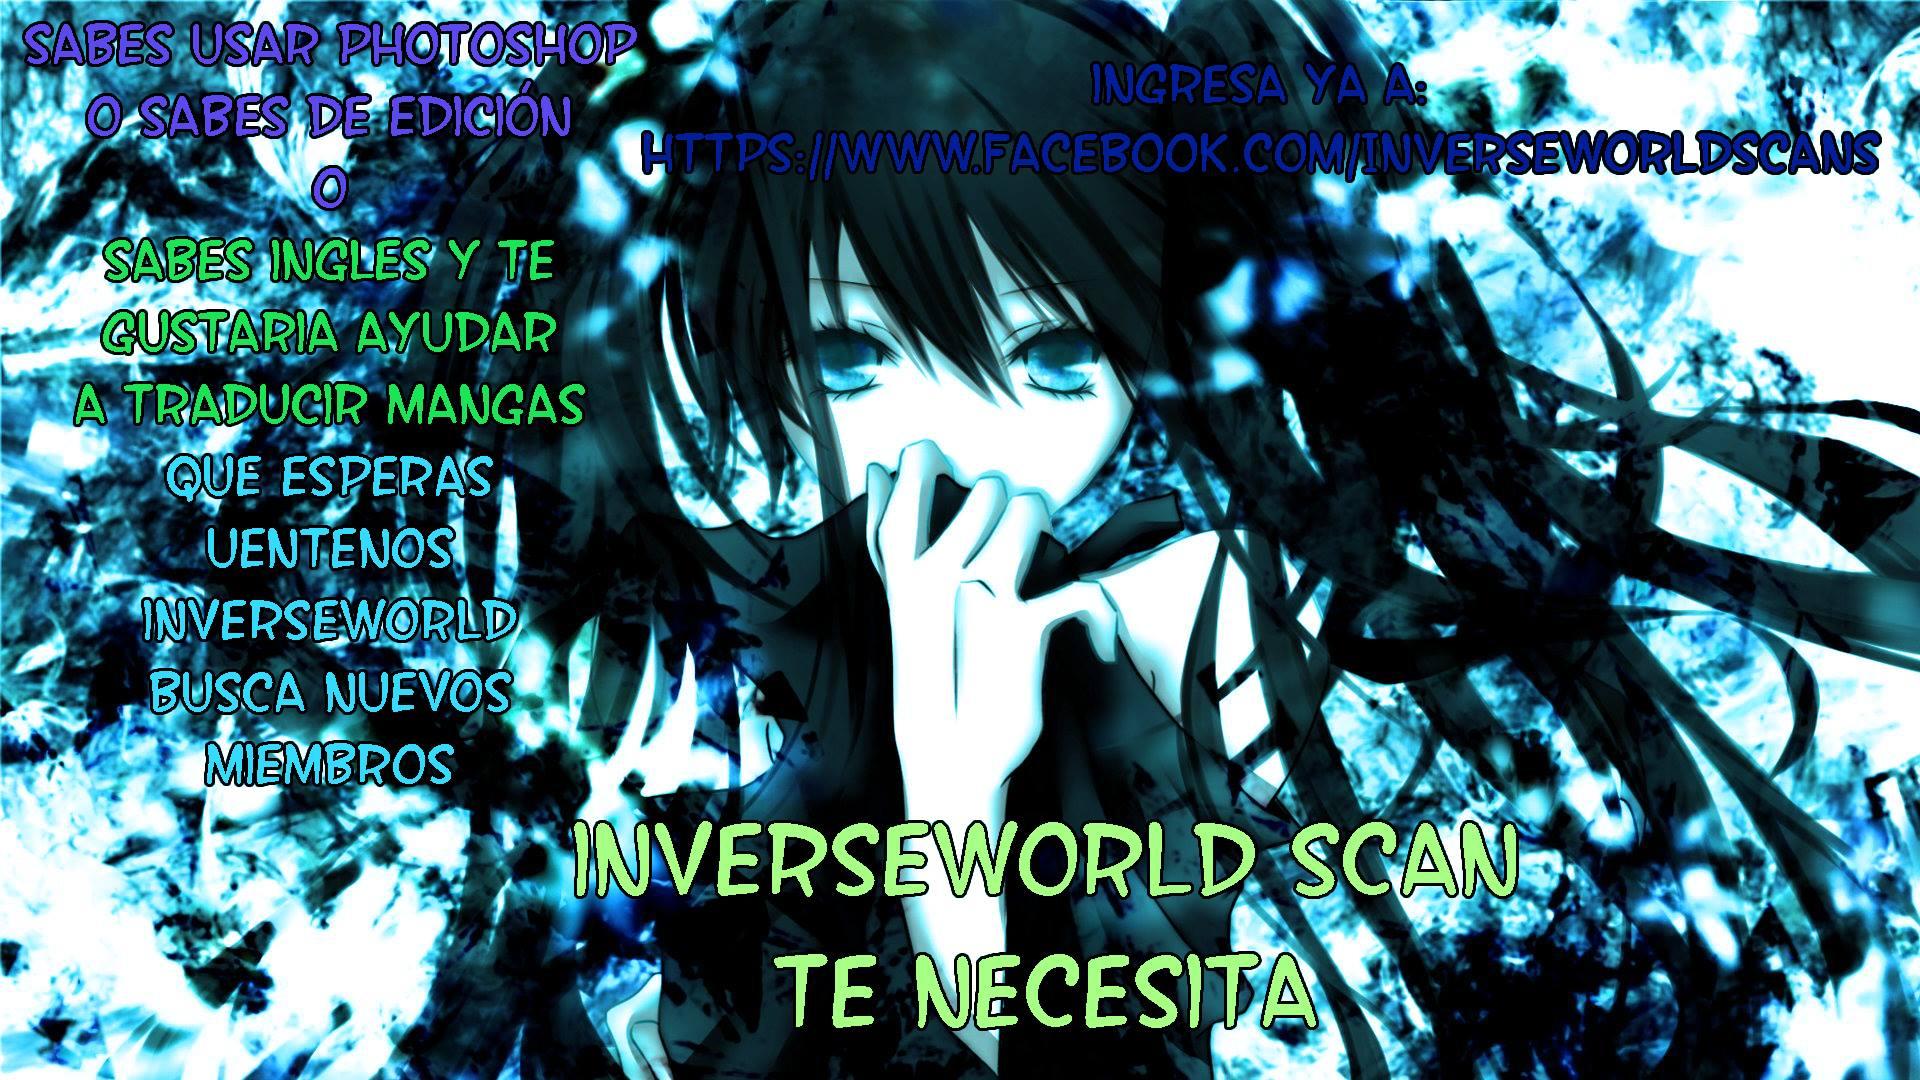 https://c5.ninemanga.com/es_manga/18/16210/415304/ba61ab7dab67e0845c2e530ba9fd5c2c.jpg Page 2